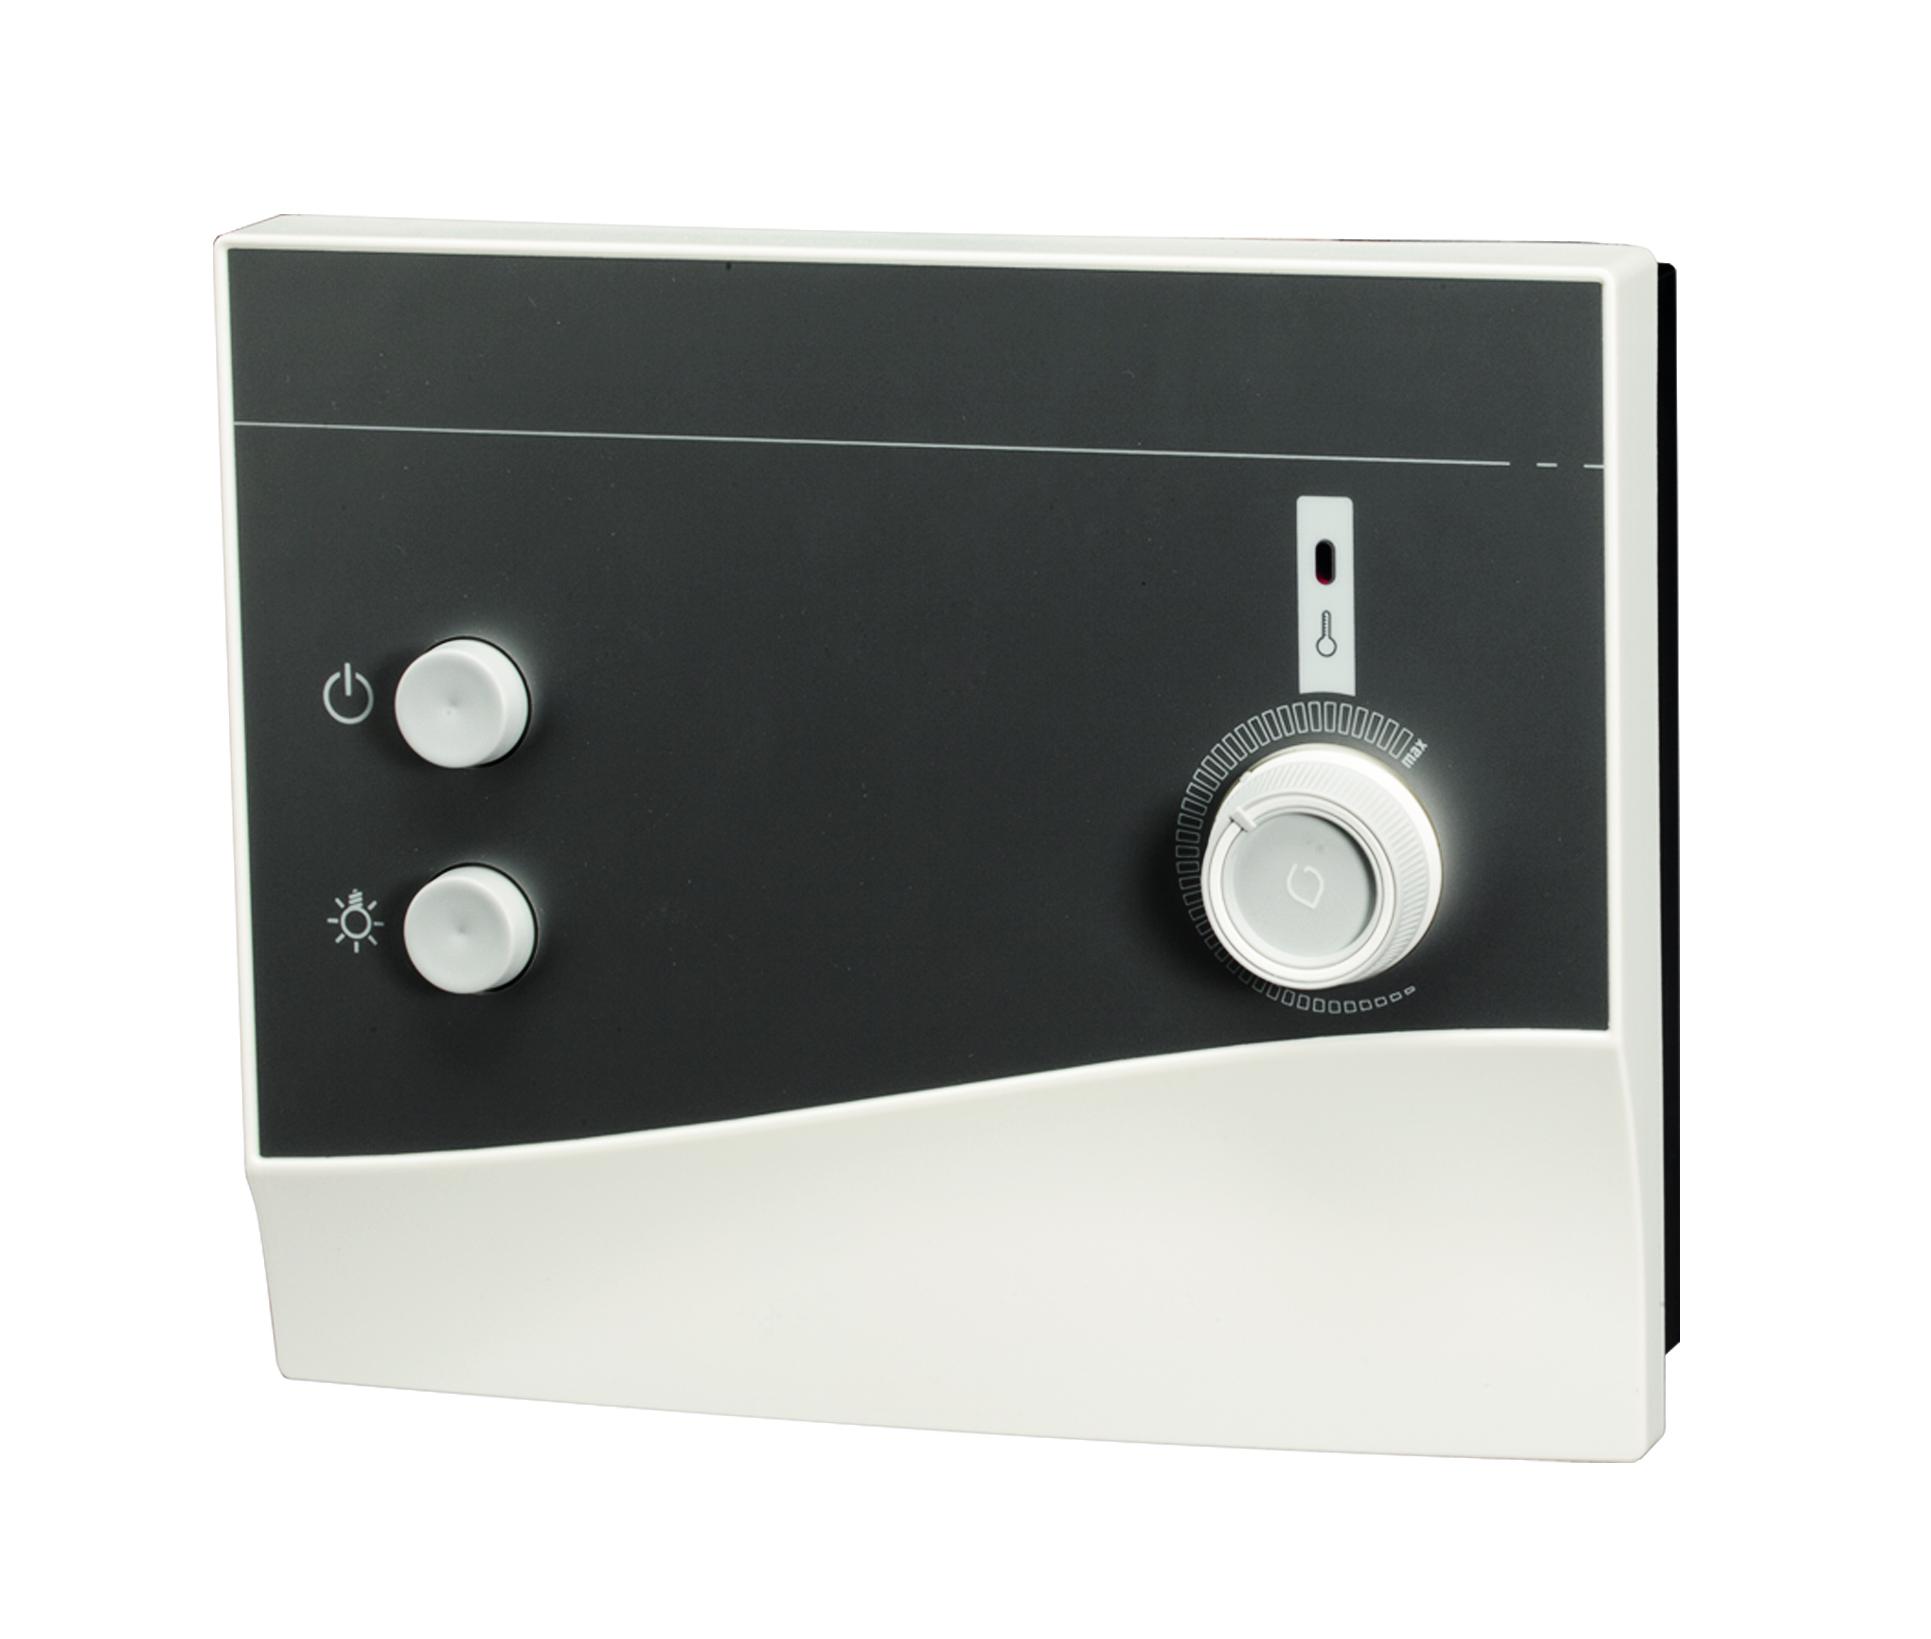 sentiotec produkte sentiotec sauna saunasteuerungen k serie. Black Bedroom Furniture Sets. Home Design Ideas